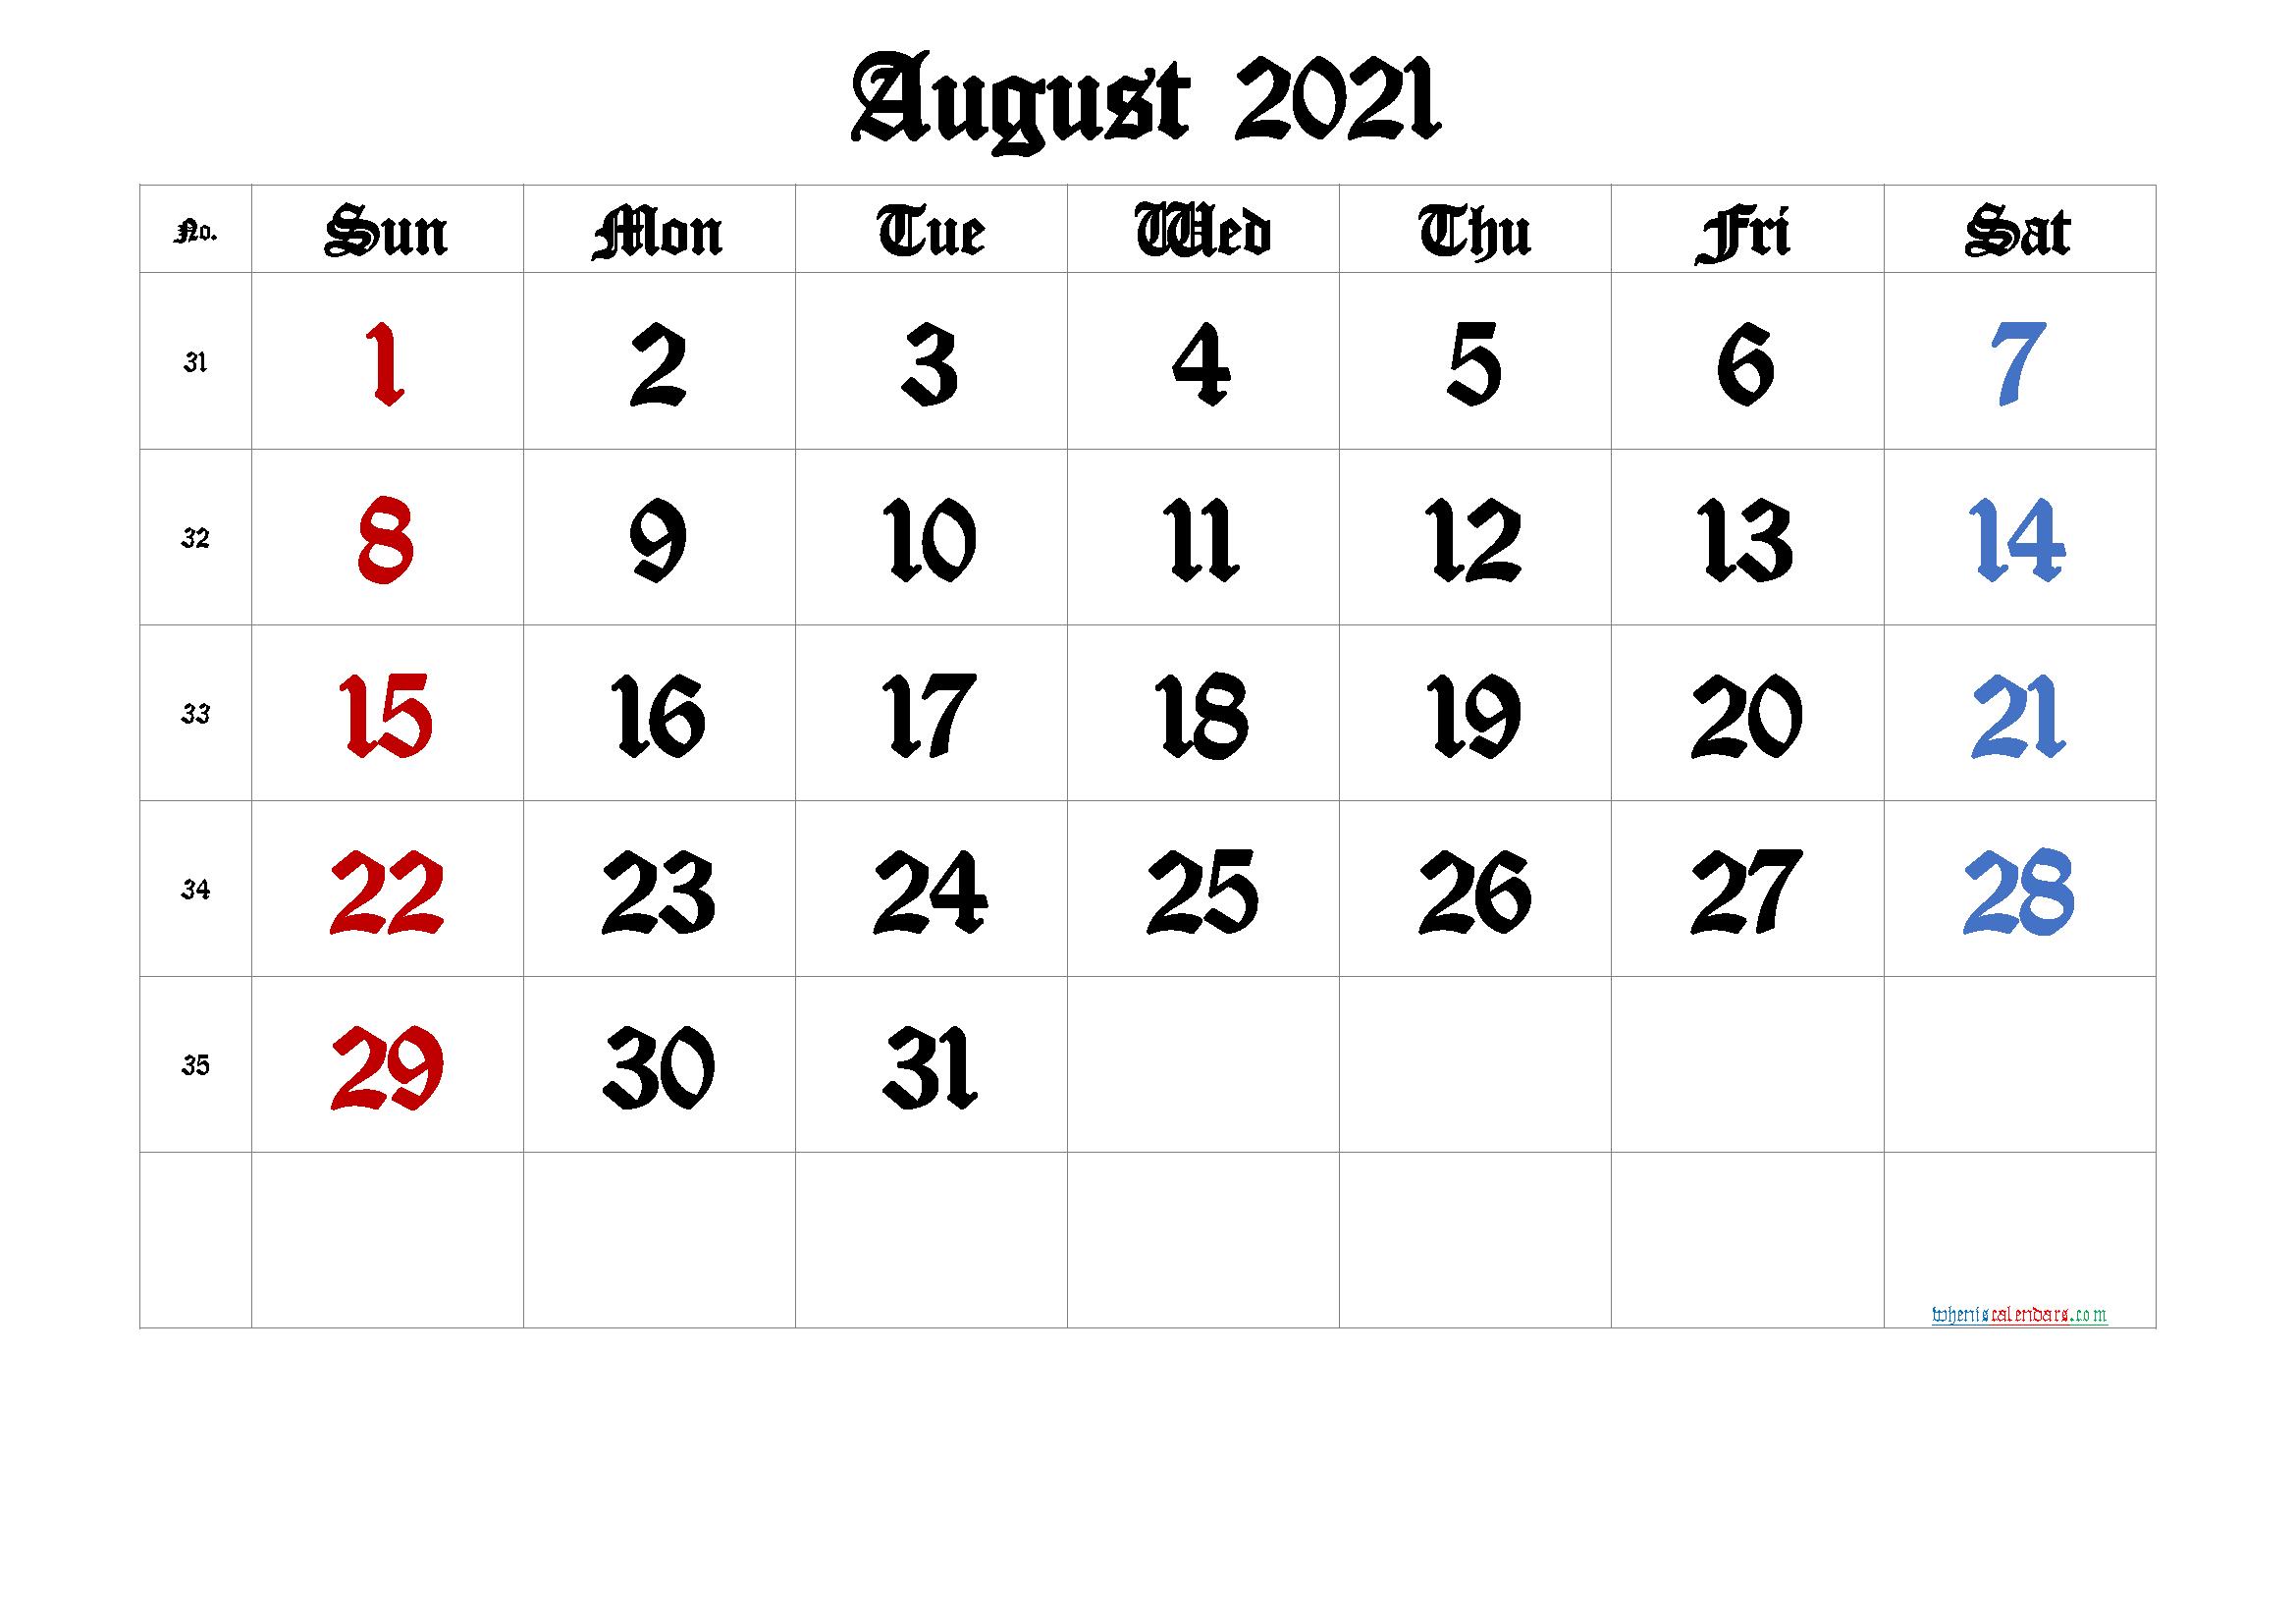 Free Printable August 2021 Calendar Premium In 2020 Calendar With Week Numbers Printable Calendar Template Free Printable Calendar